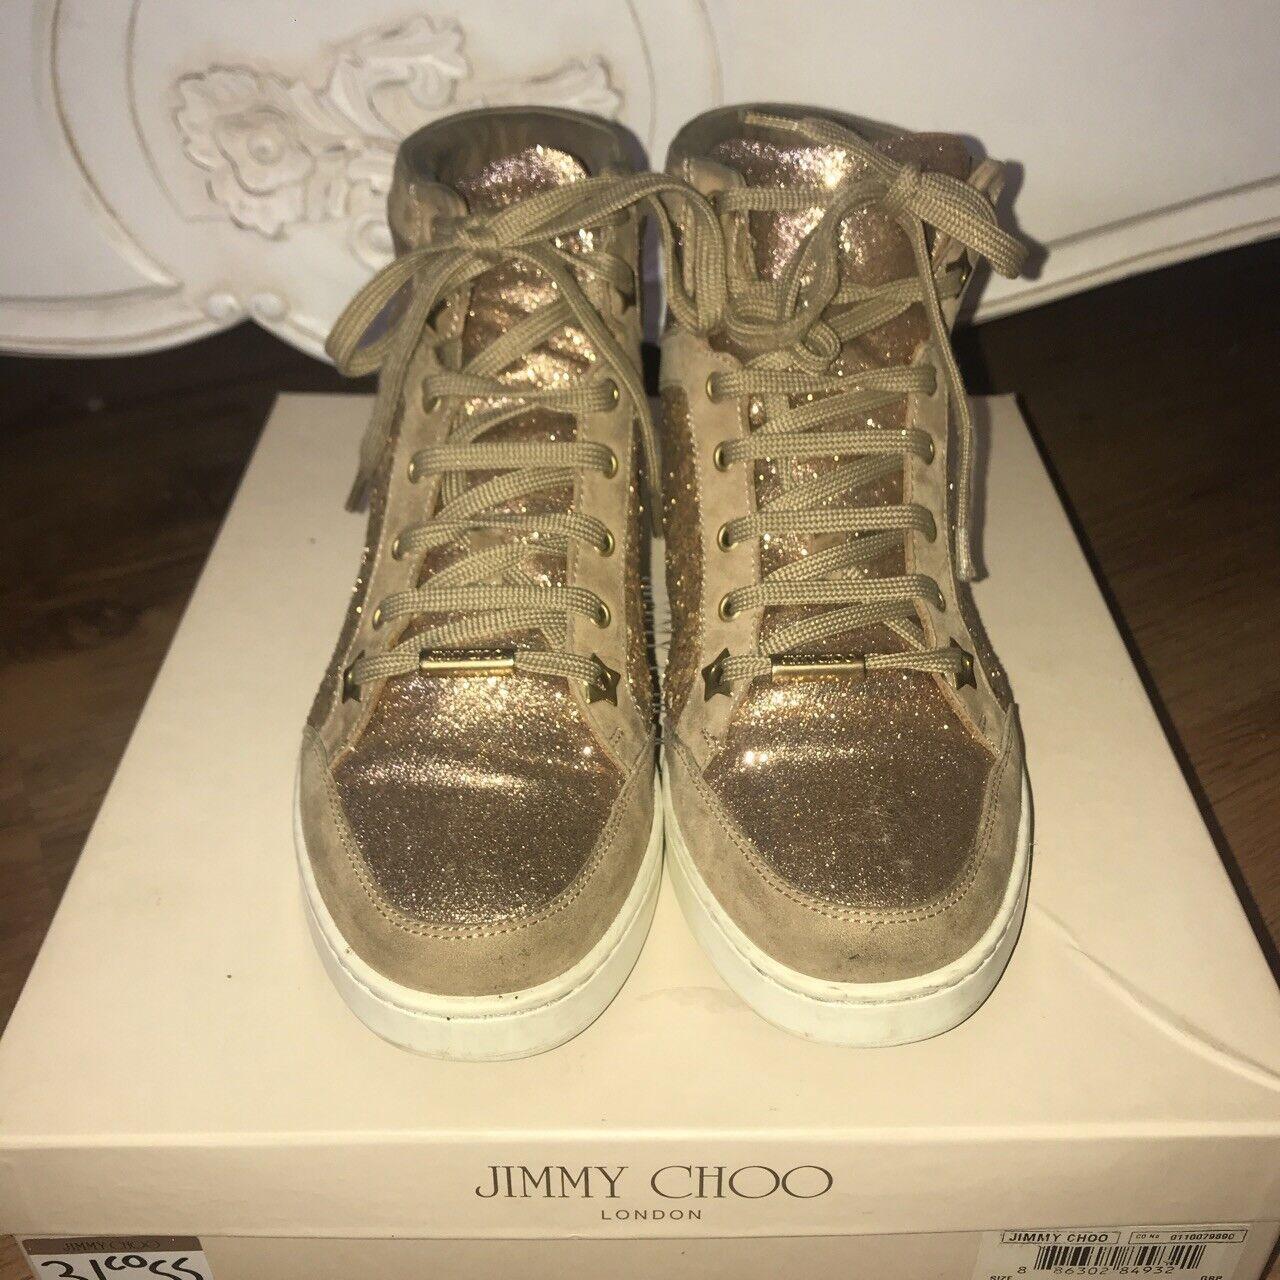 Jimmy Choo UK2 Gold Trainers - UK2 Choo 8d6f9f